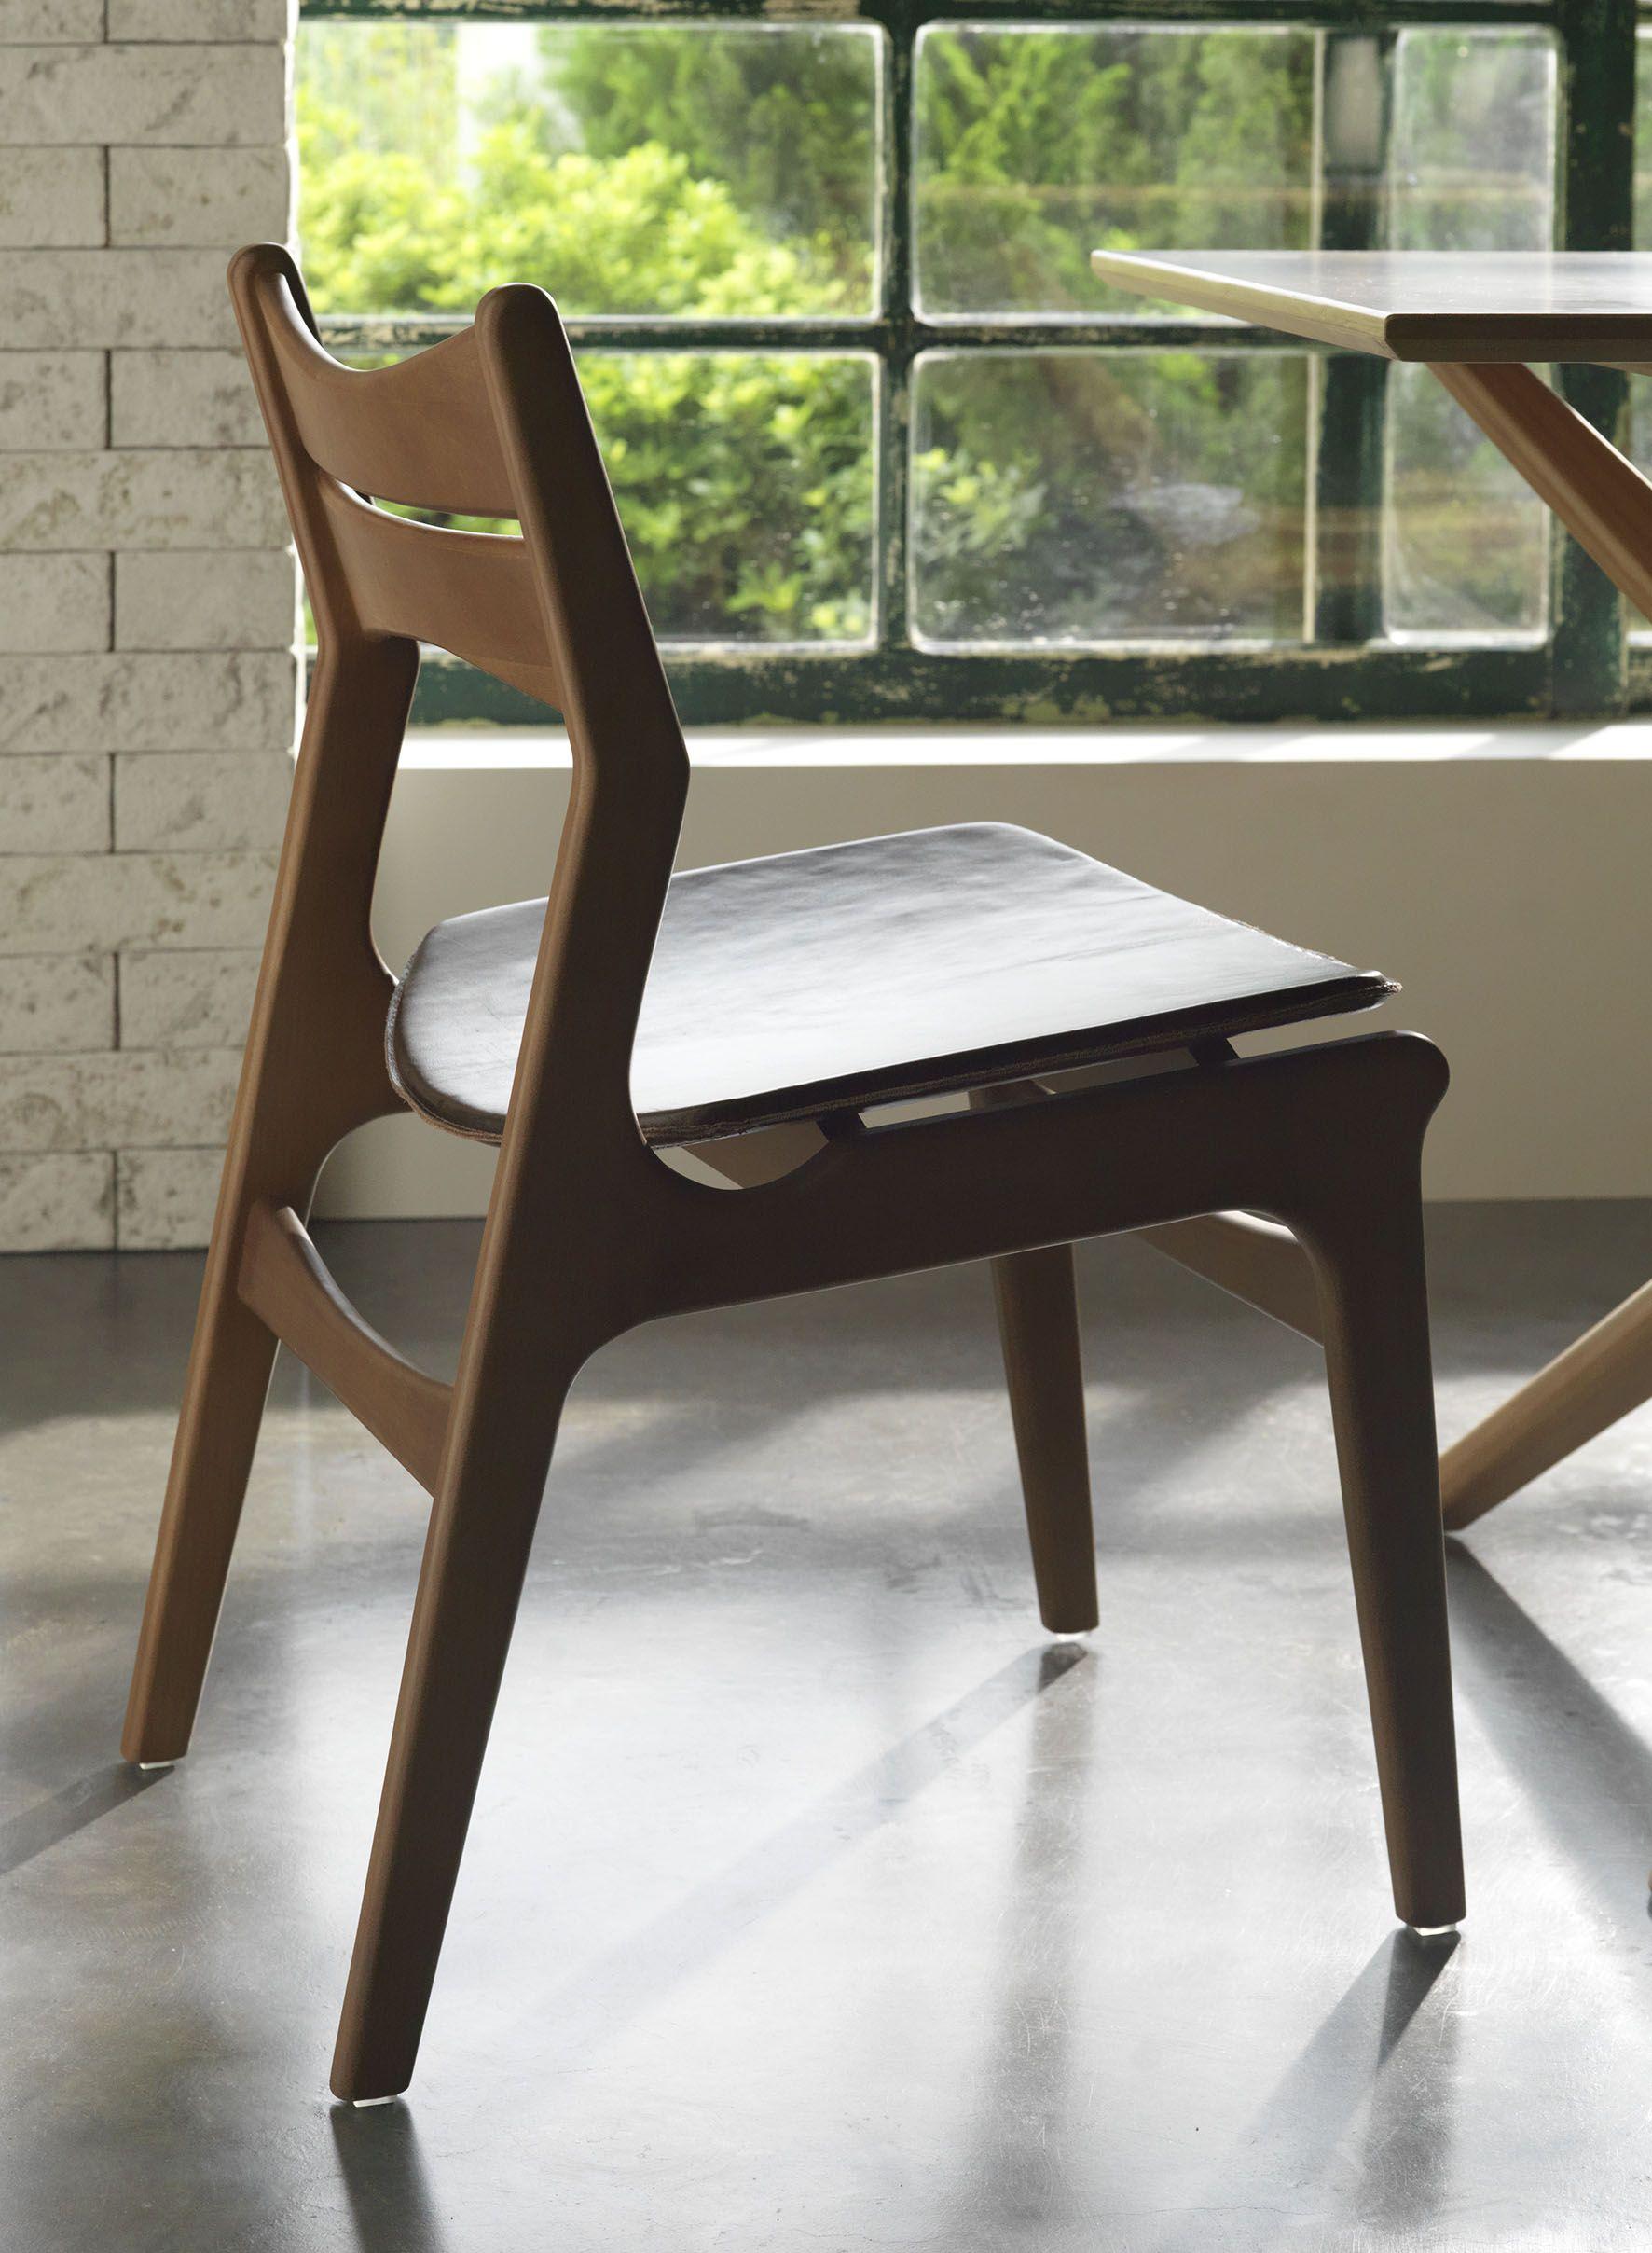 Cadeira Lyrique. A madeira Tauari esculpida em delicadas curvas, o toque macio e suave da textura de suas anatomias.